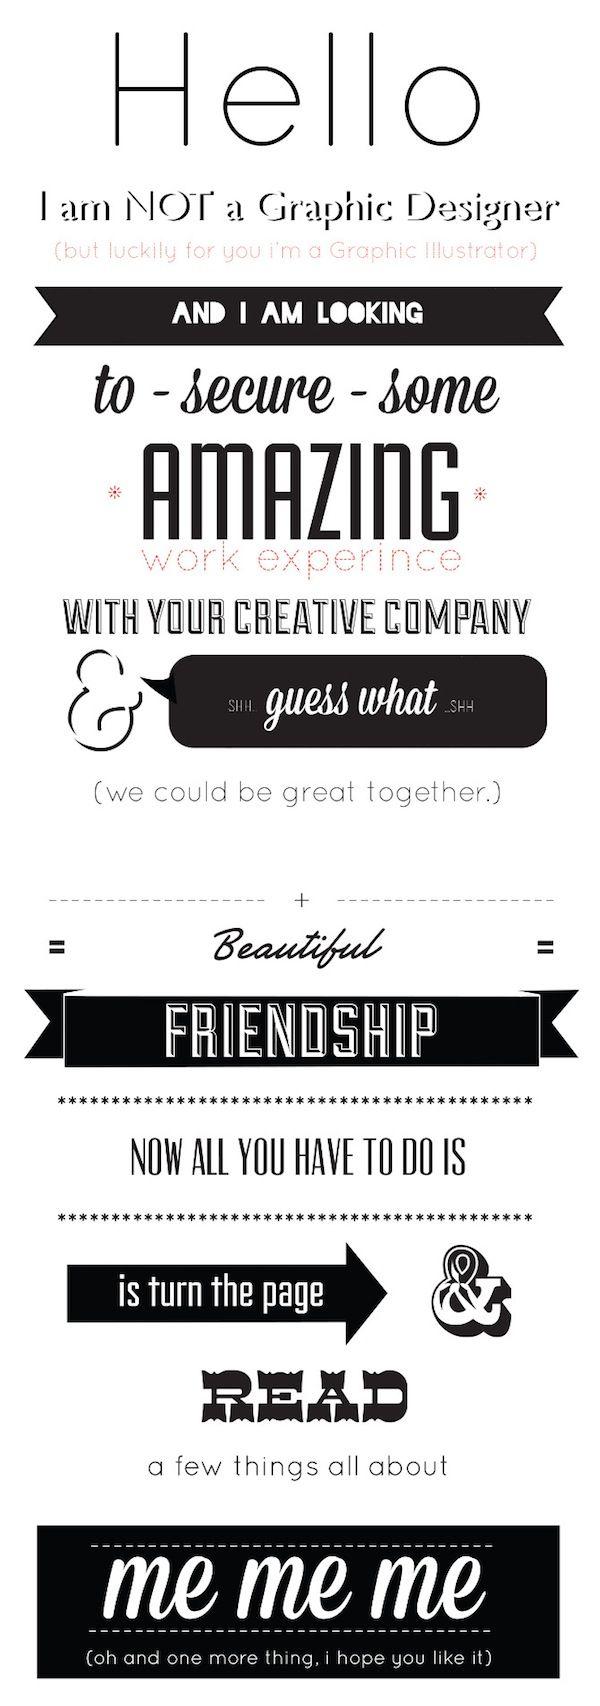 40 Best Resume & Letterhead Design Images On Pinterest